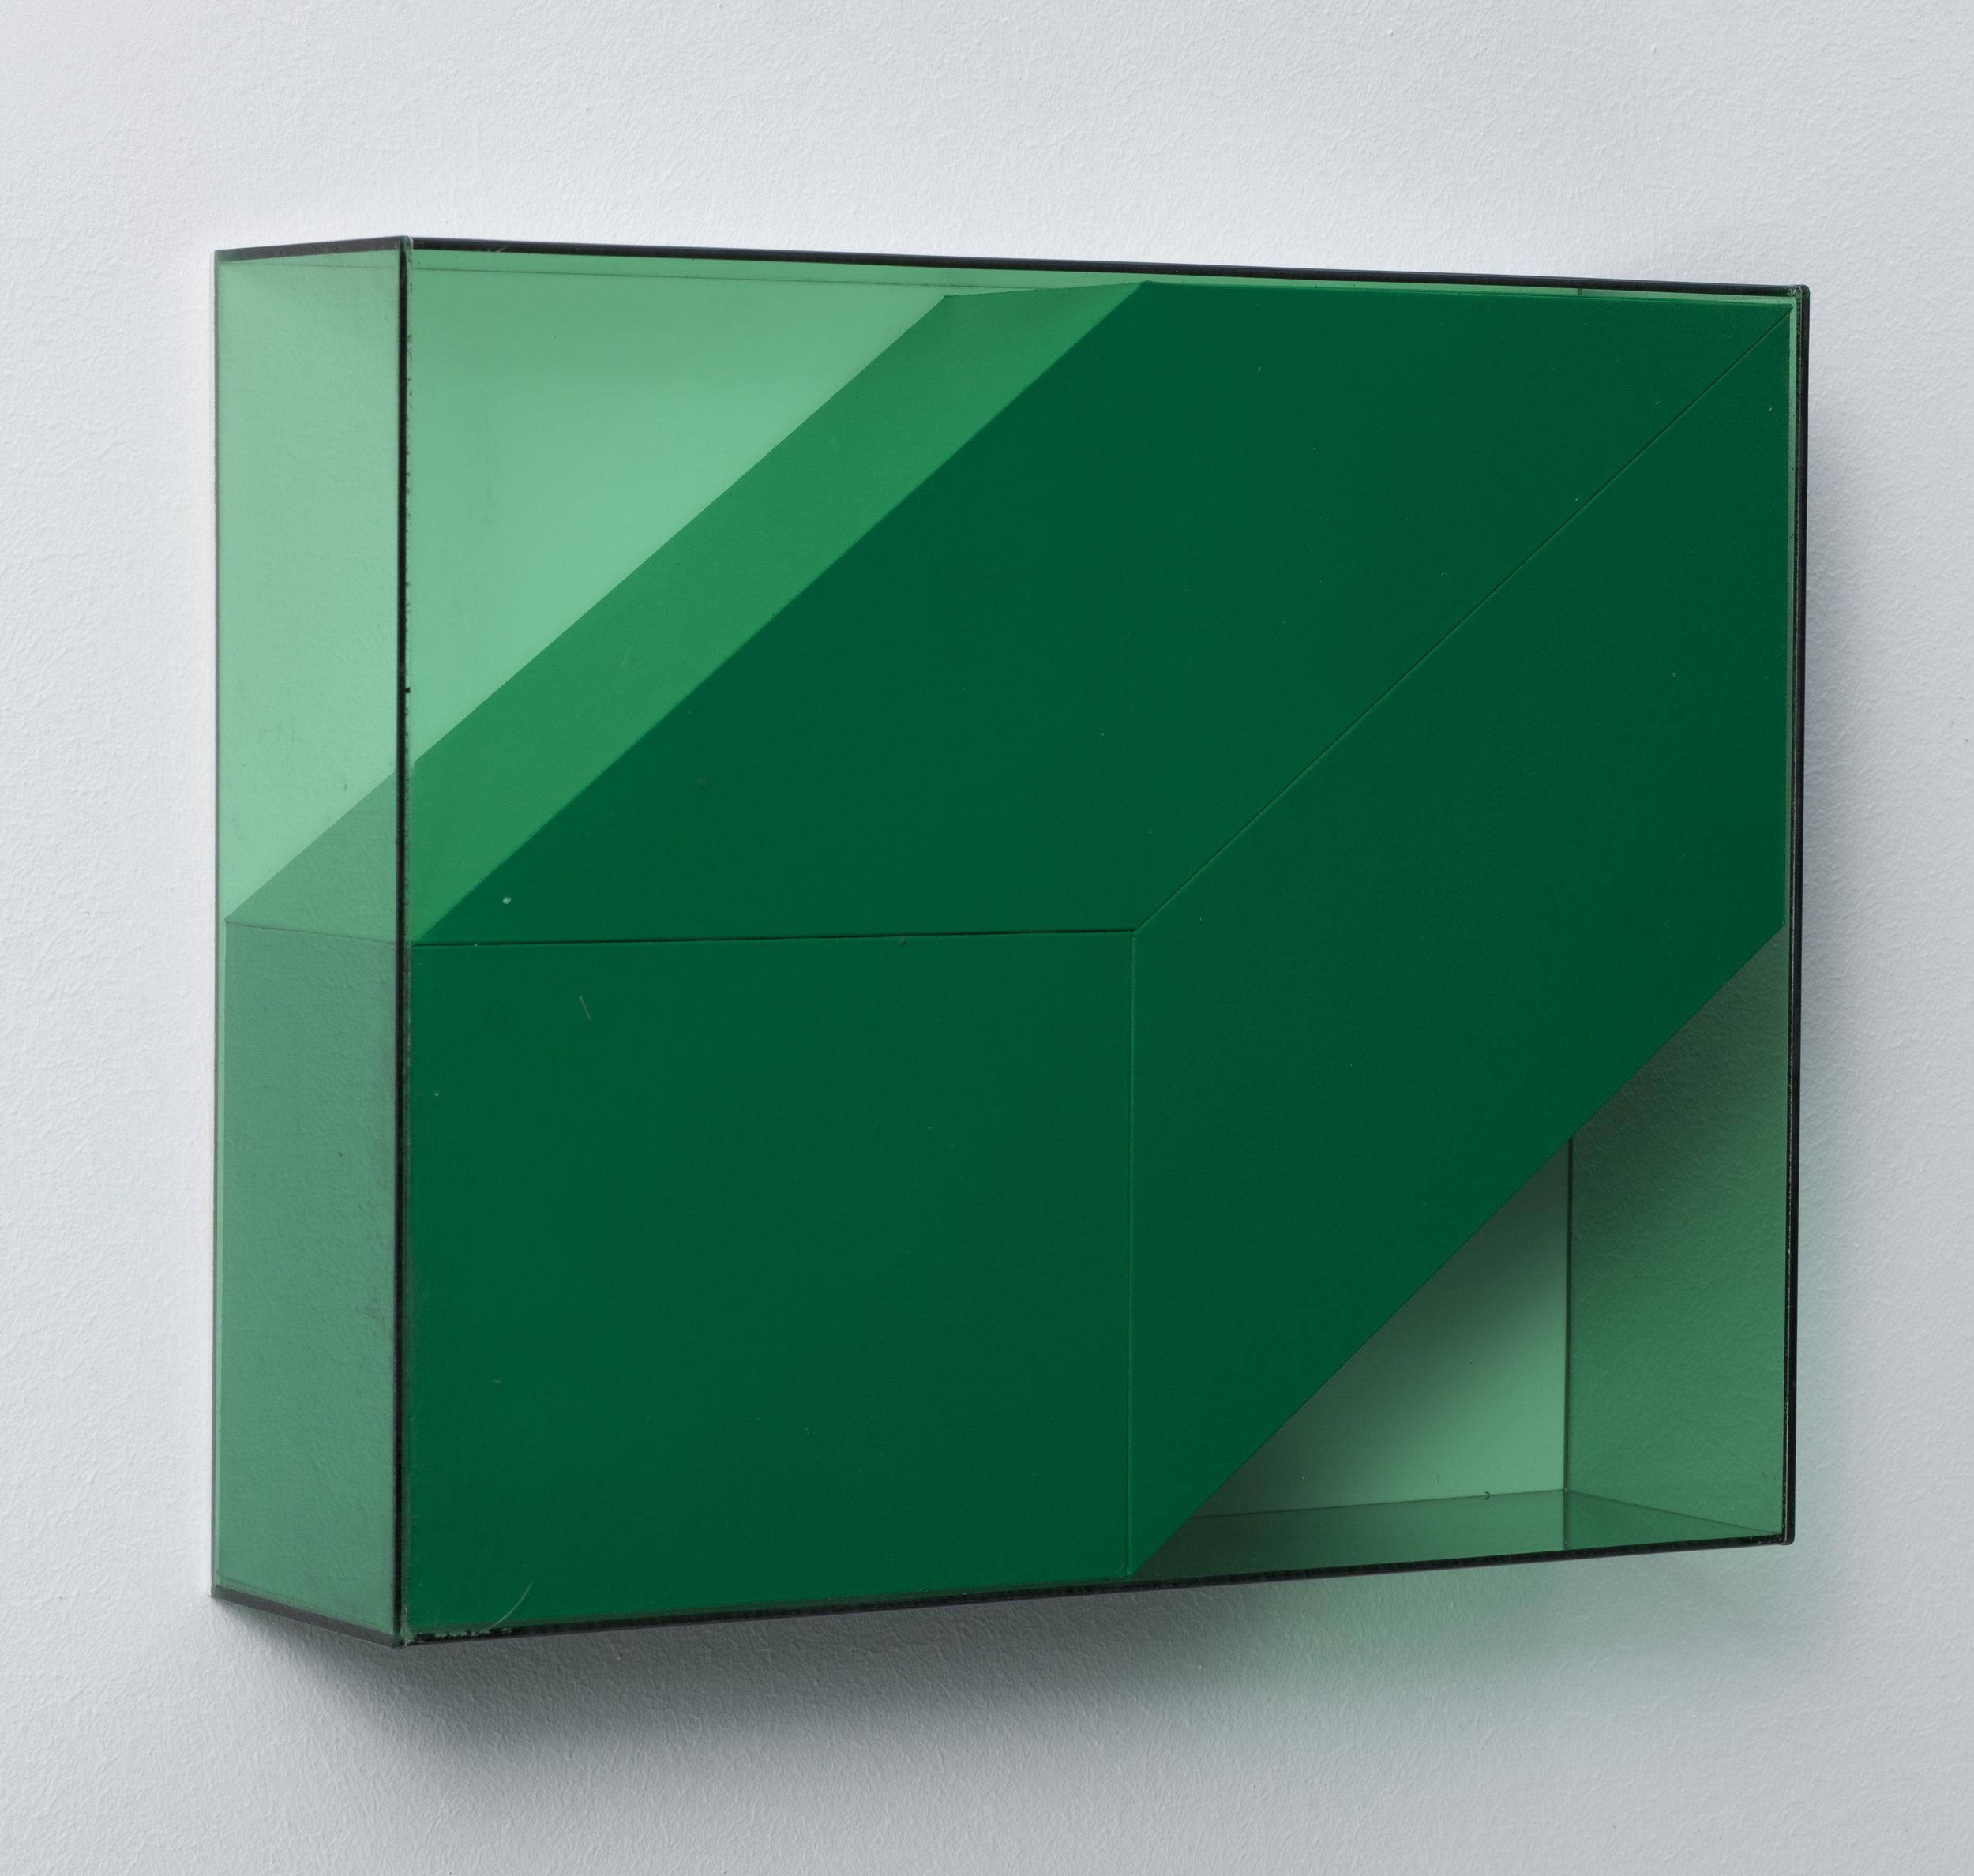 Scatola verde - 1968